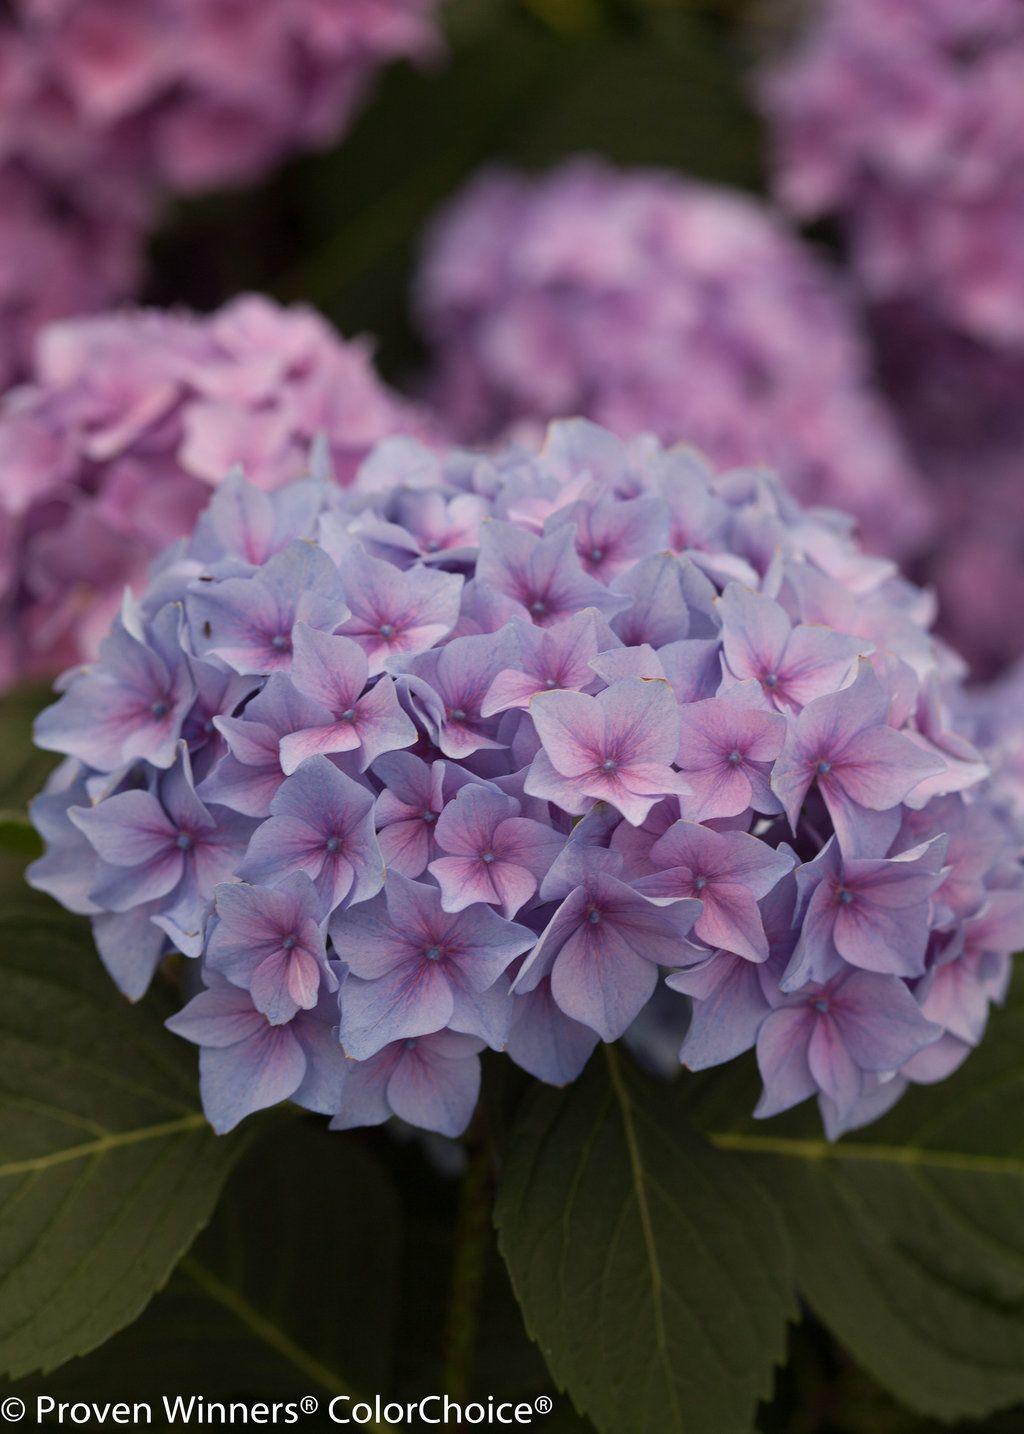 Let S Dance Rhythmic Blue Reblooming Hydrangea Hydrangea Macrophylla Hydrangea Macrophylla Reblooming Hydrangeas Planting Hydrangeas